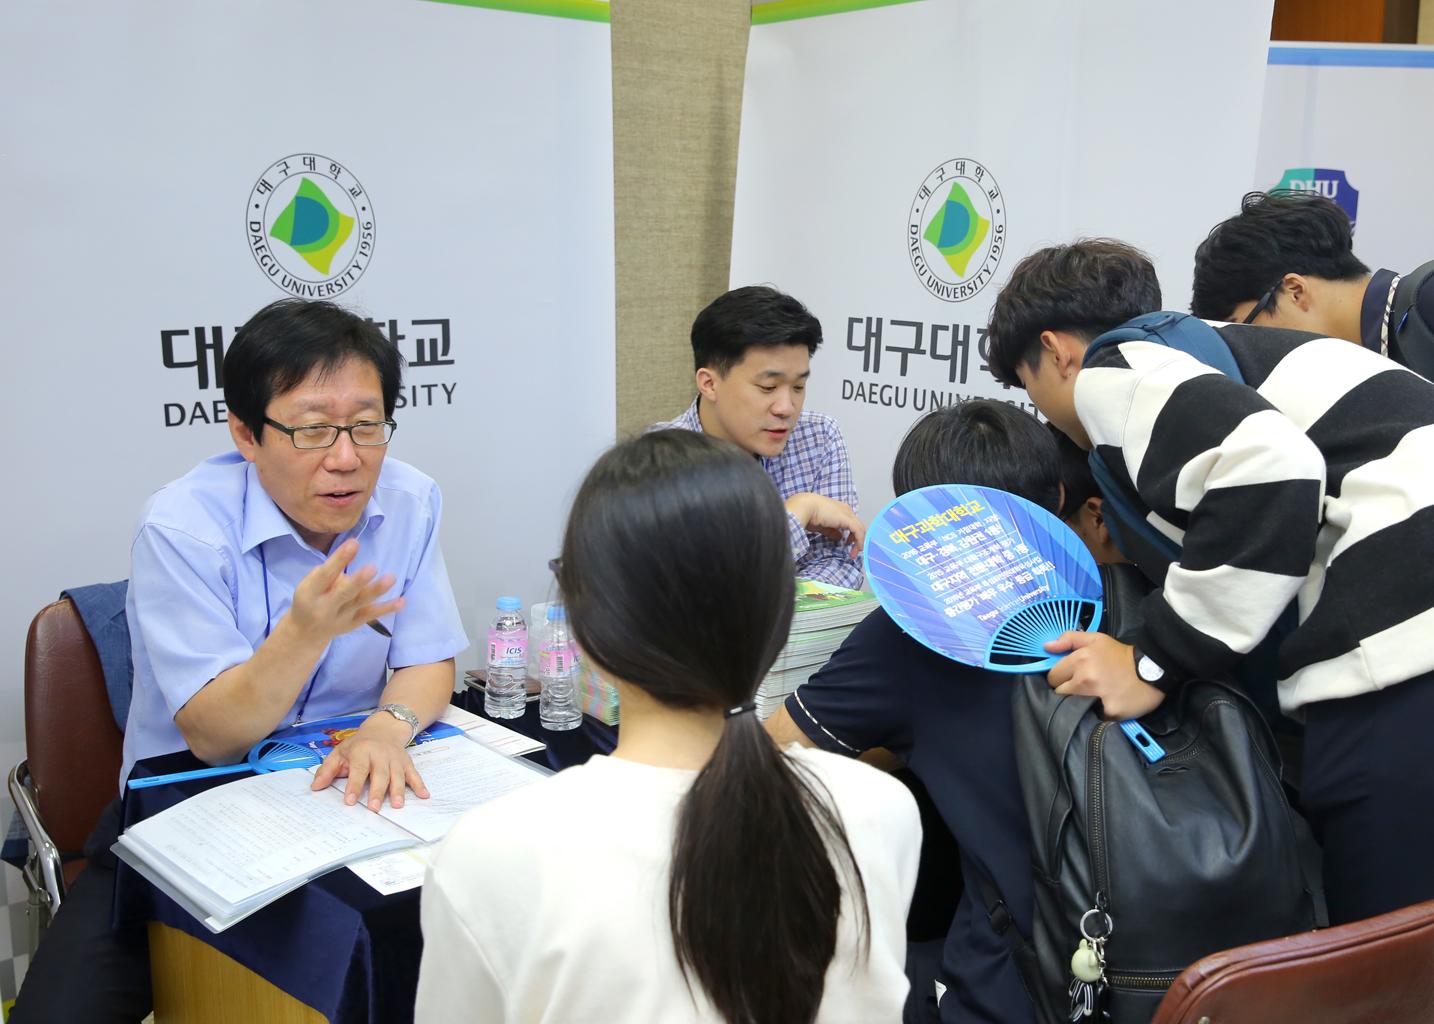 Hướng dẫn quy trình xin visa du học nghề Hàn Quốc mới nhất